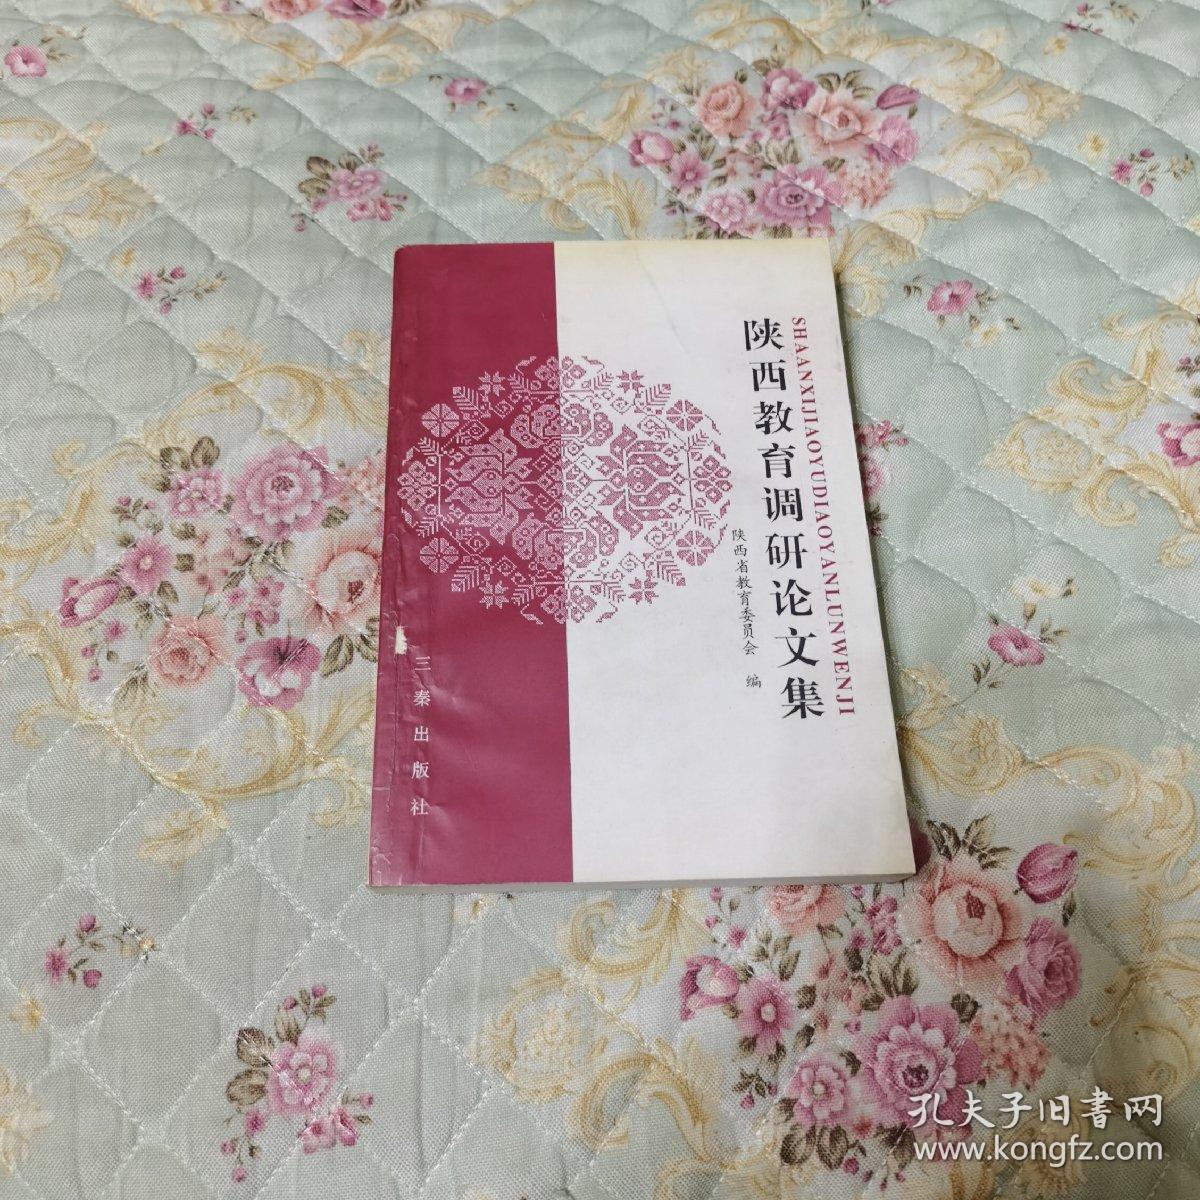 陕西教育调研论文集(一版一印)前封皮下有一点破请看清门图片在下单